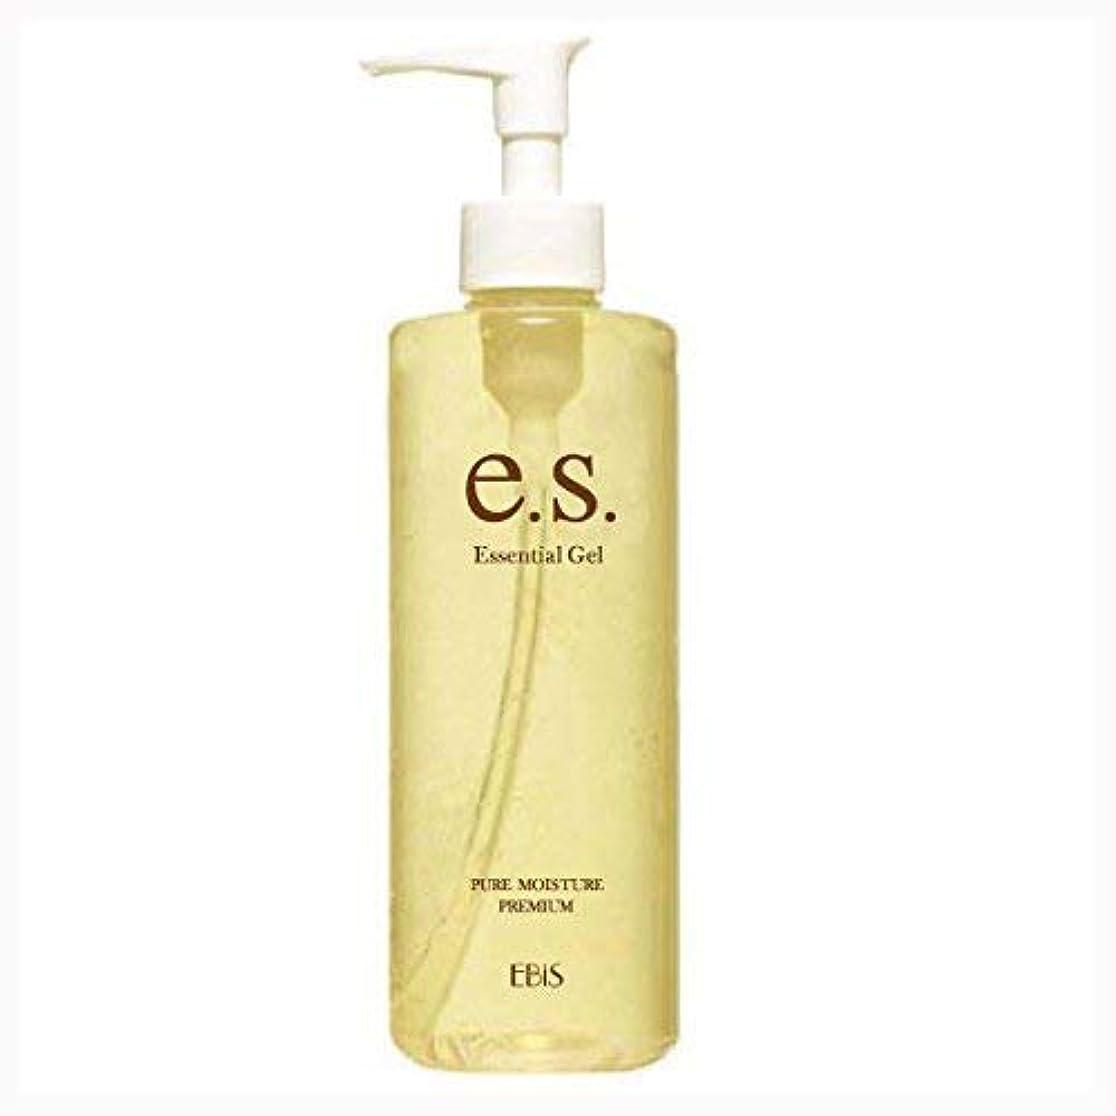 アンデス山脈すりアミューズメントエビス化粧品(EBiS) イーエスエッセンシャルジェル (310g) 美顔器ジェル 無添加処方 アルコールフリー 日本製 男女兼用 保湿ジェル